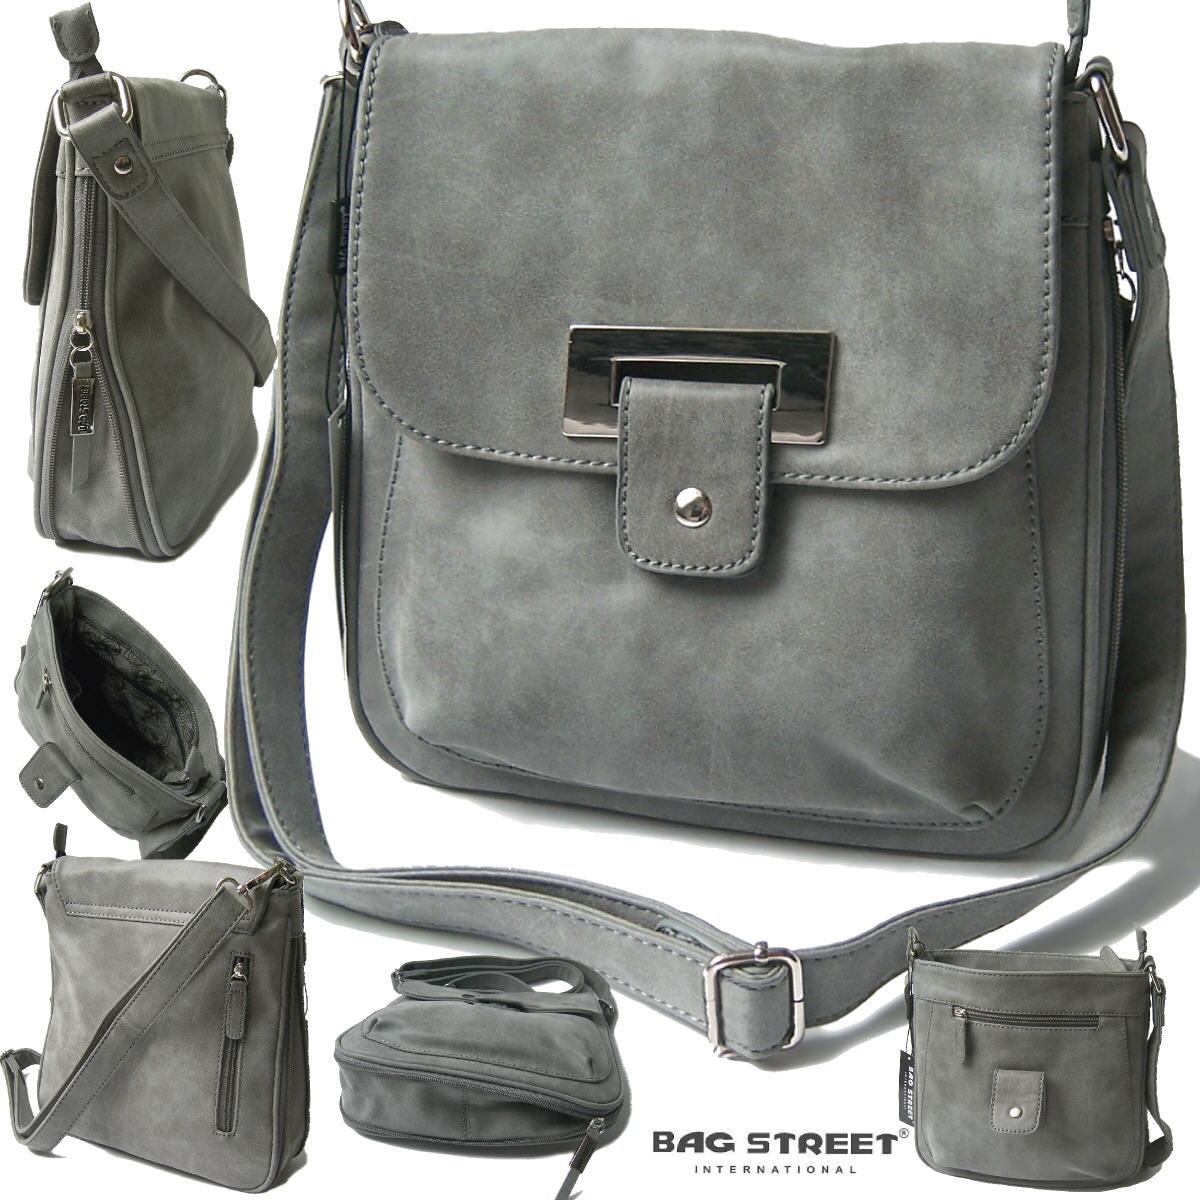 Tasche Umhängetasche Handtasche Damen Bag Street stone washout Ta8039